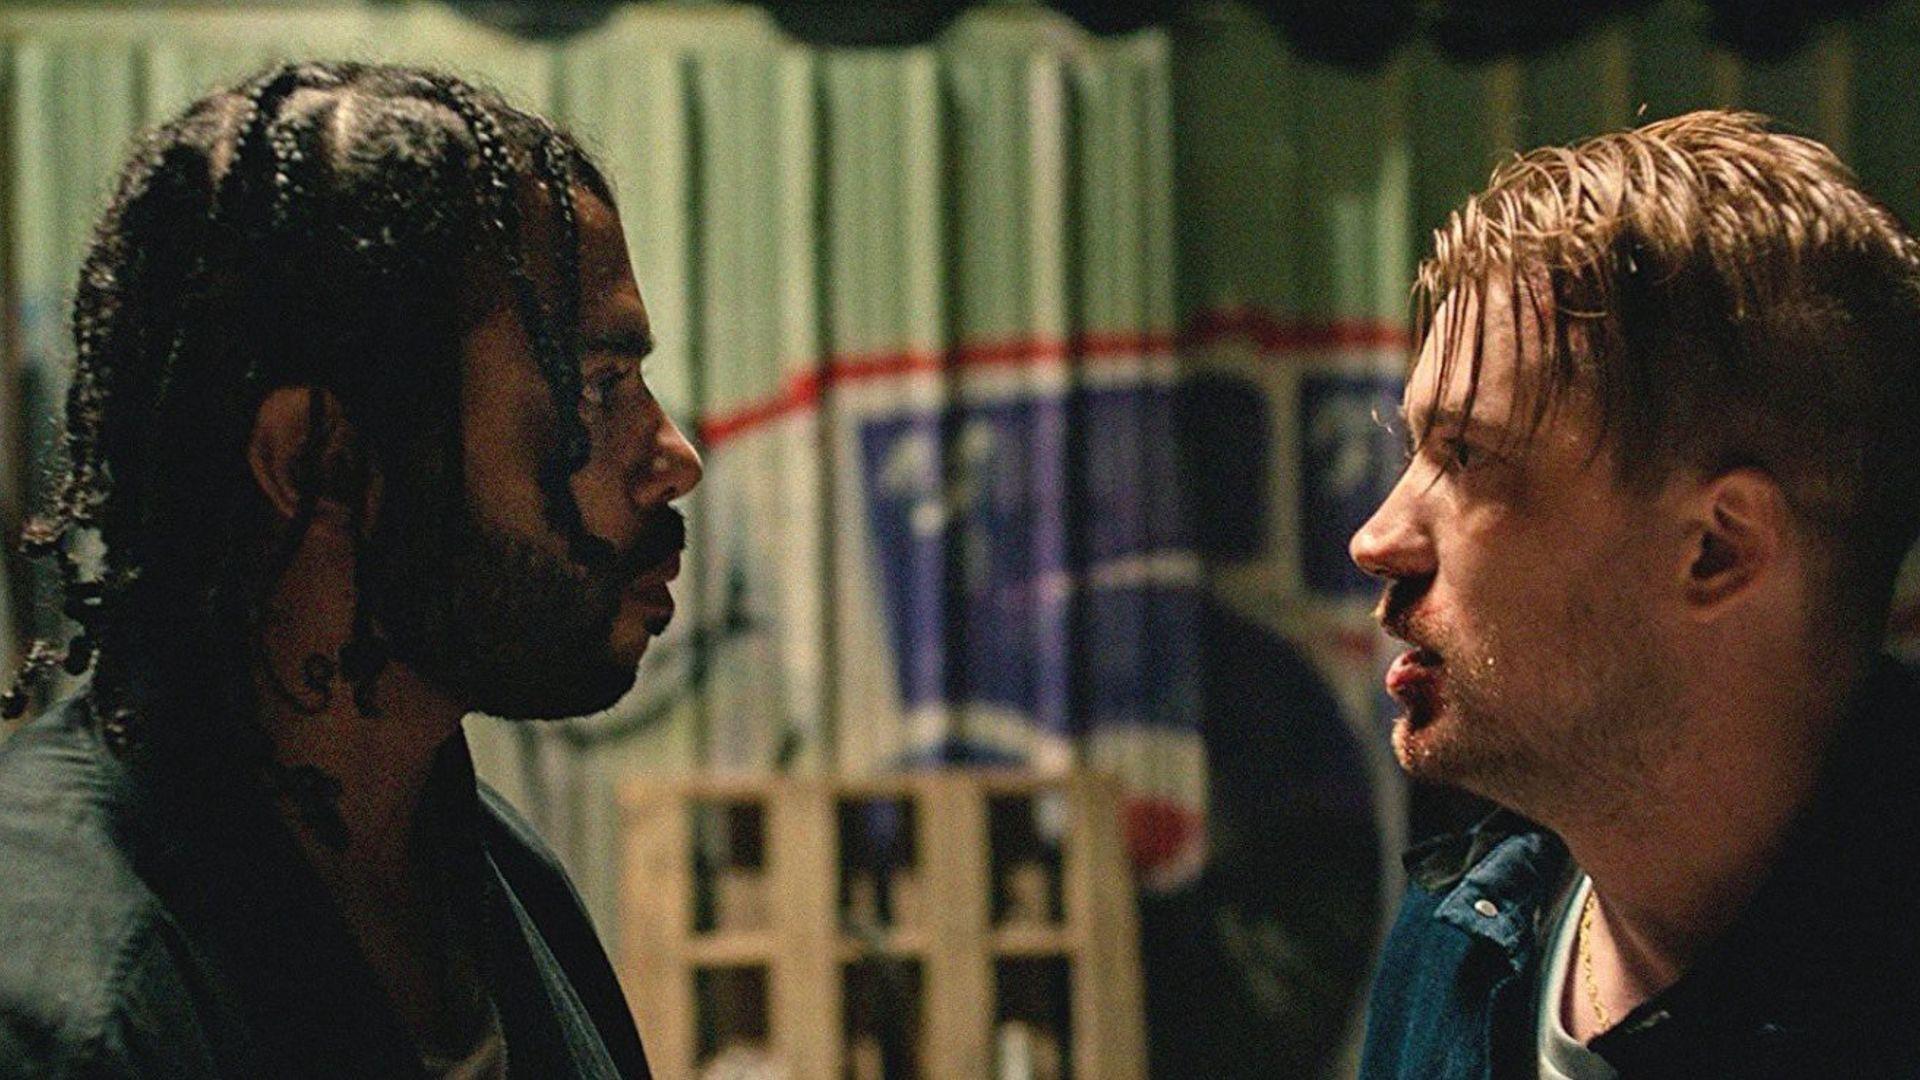 dwóch mężczyzn stoi naprzecwiko siebie i patrzy sobie w oczy